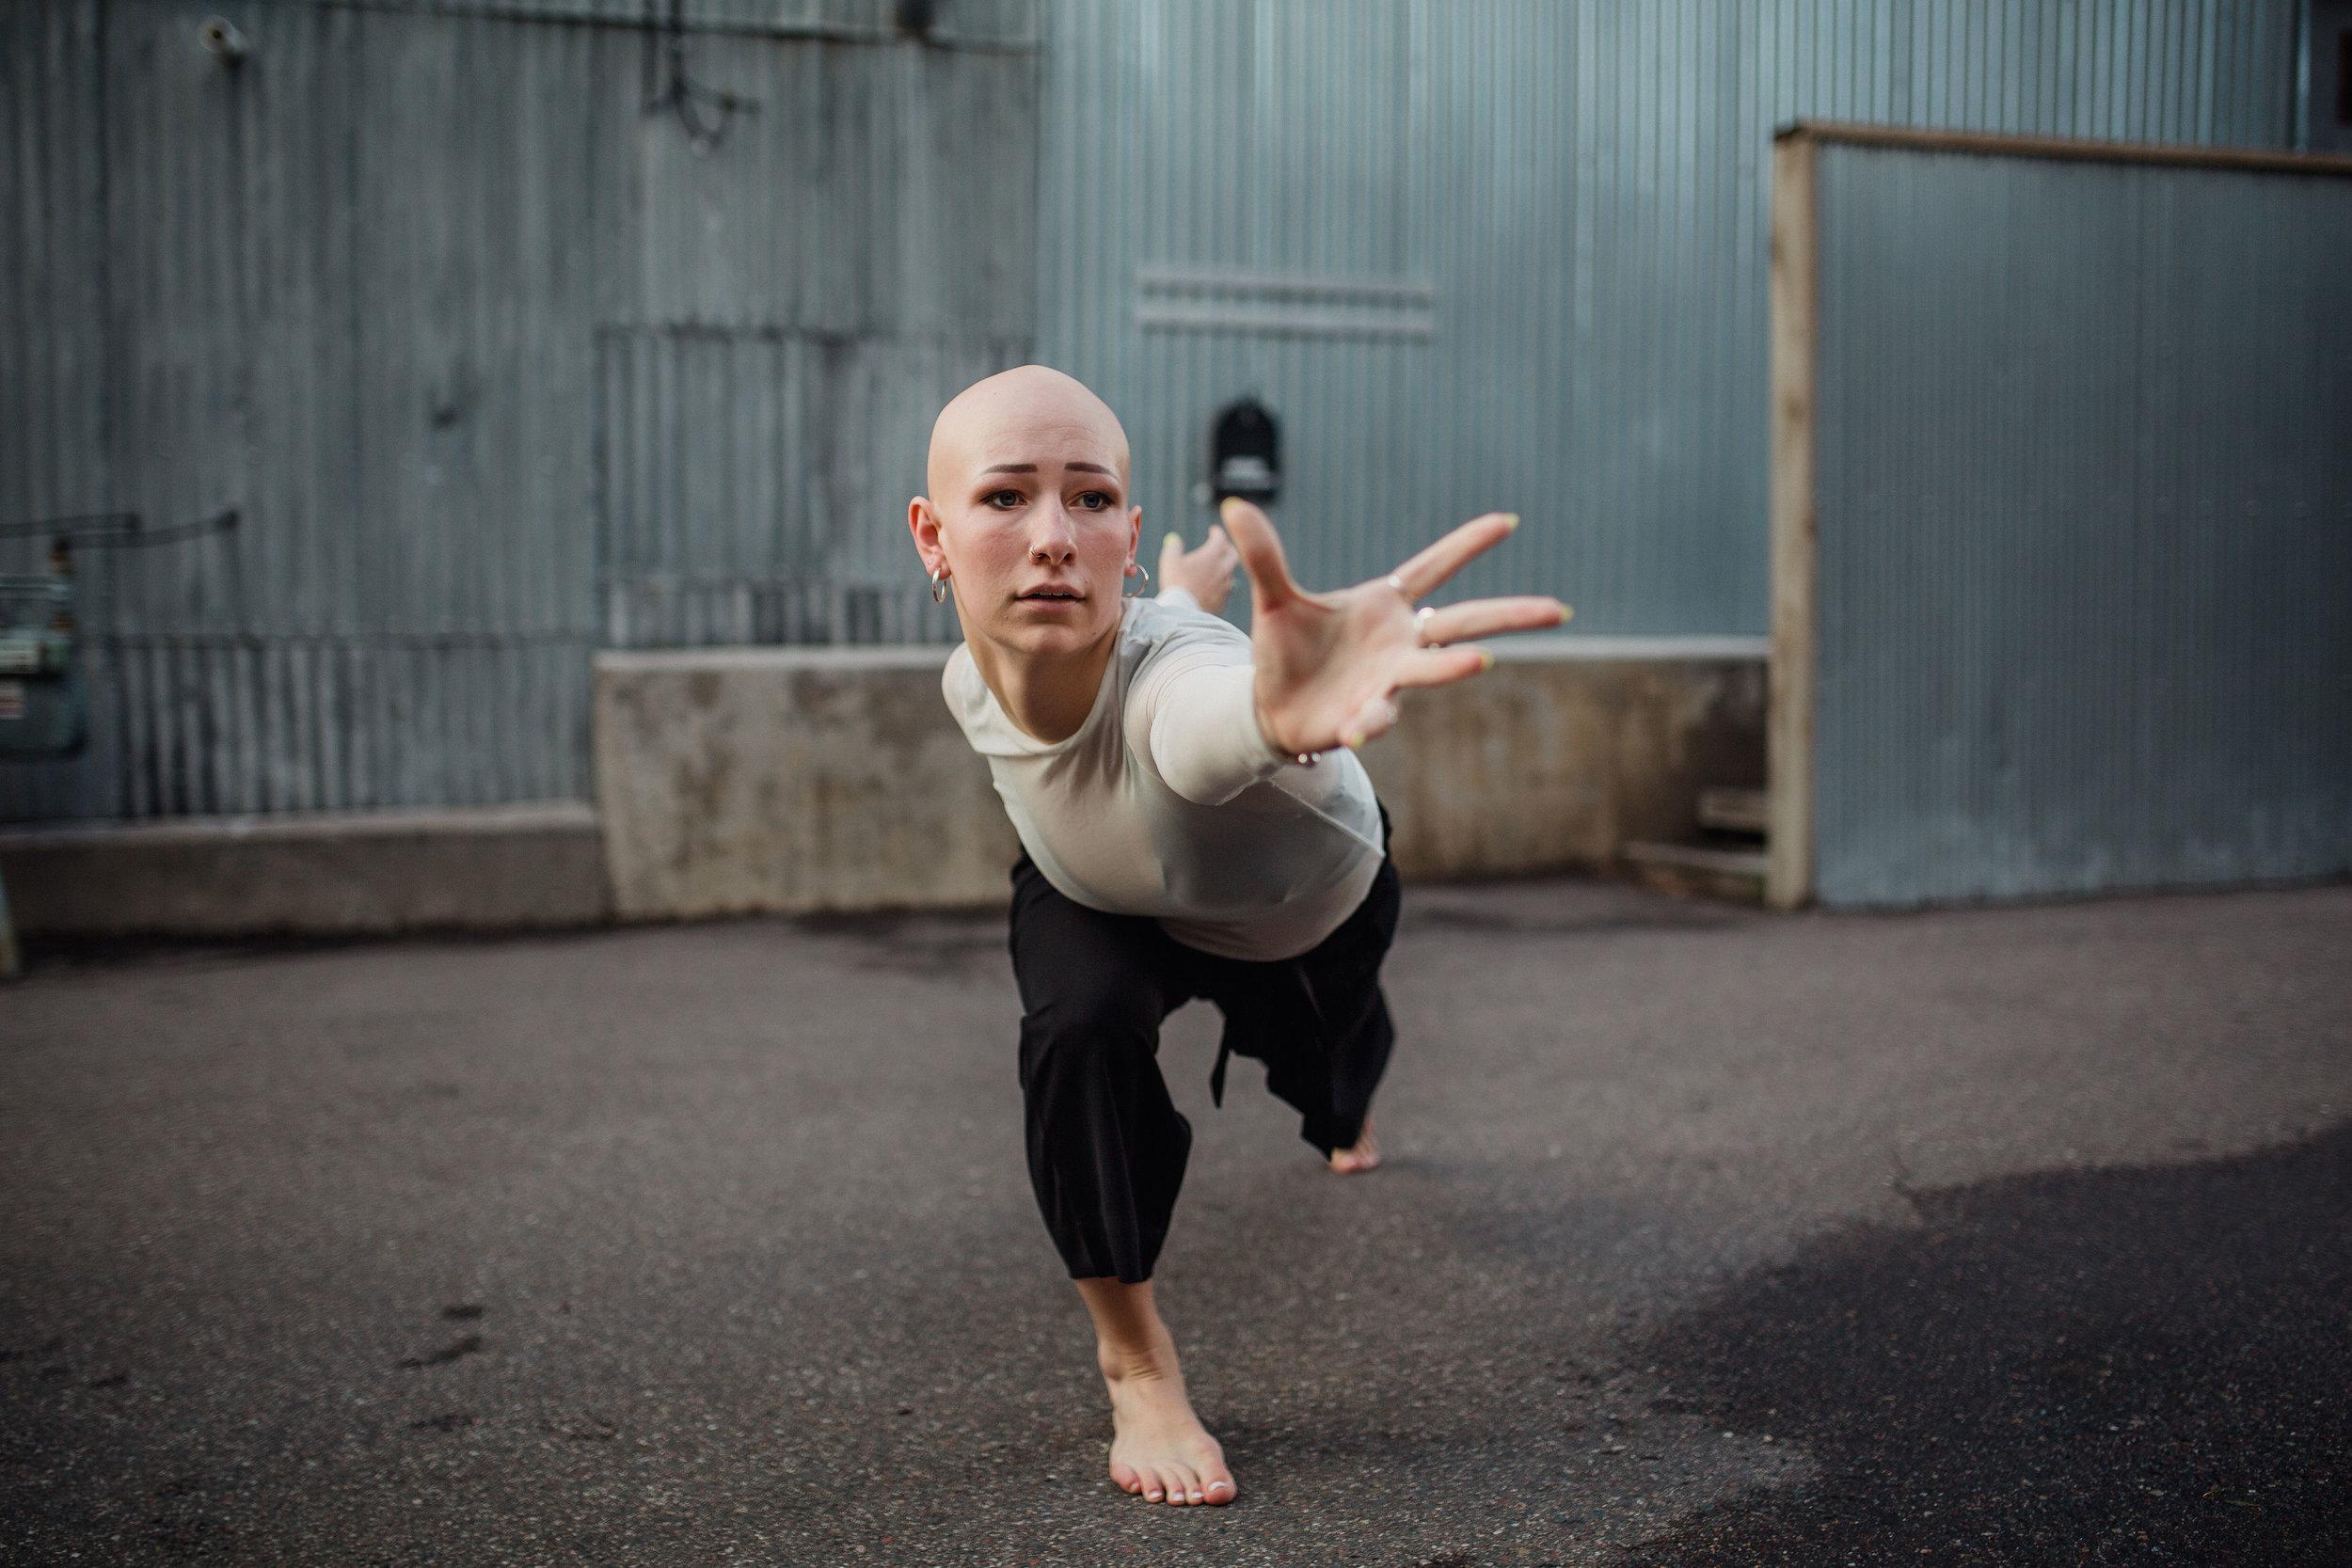 7.10.19_DesJardinsStudio_MadisonJordan_Dance_6.jpg